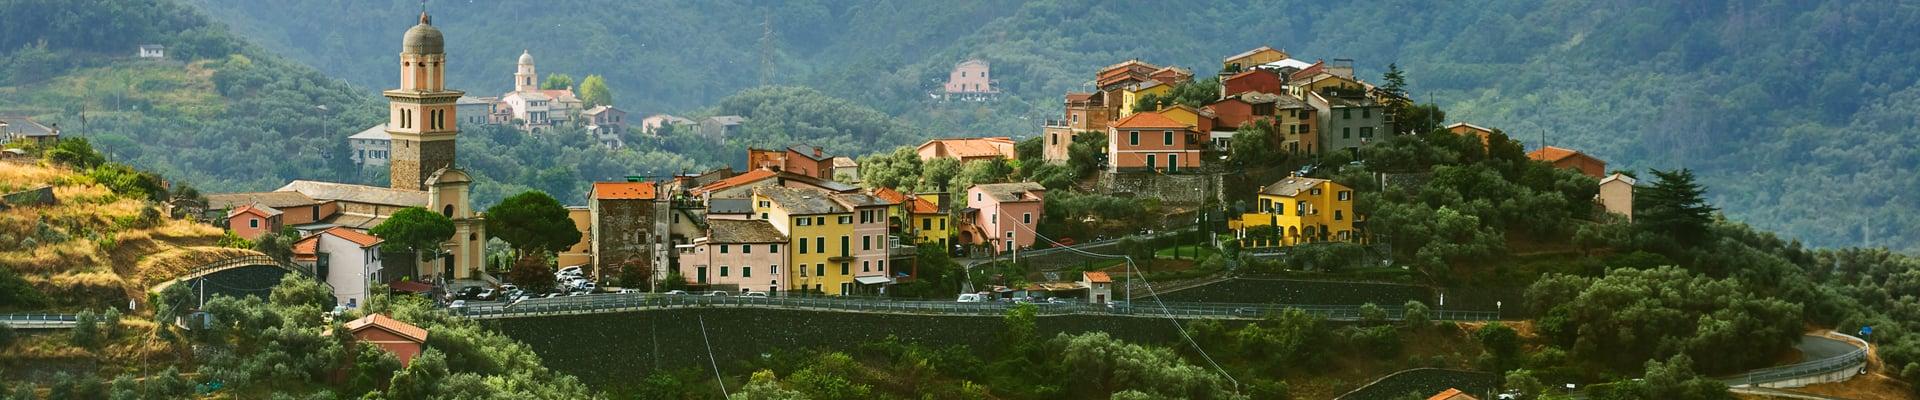 Cinque Terre in Italy's Liguria Region